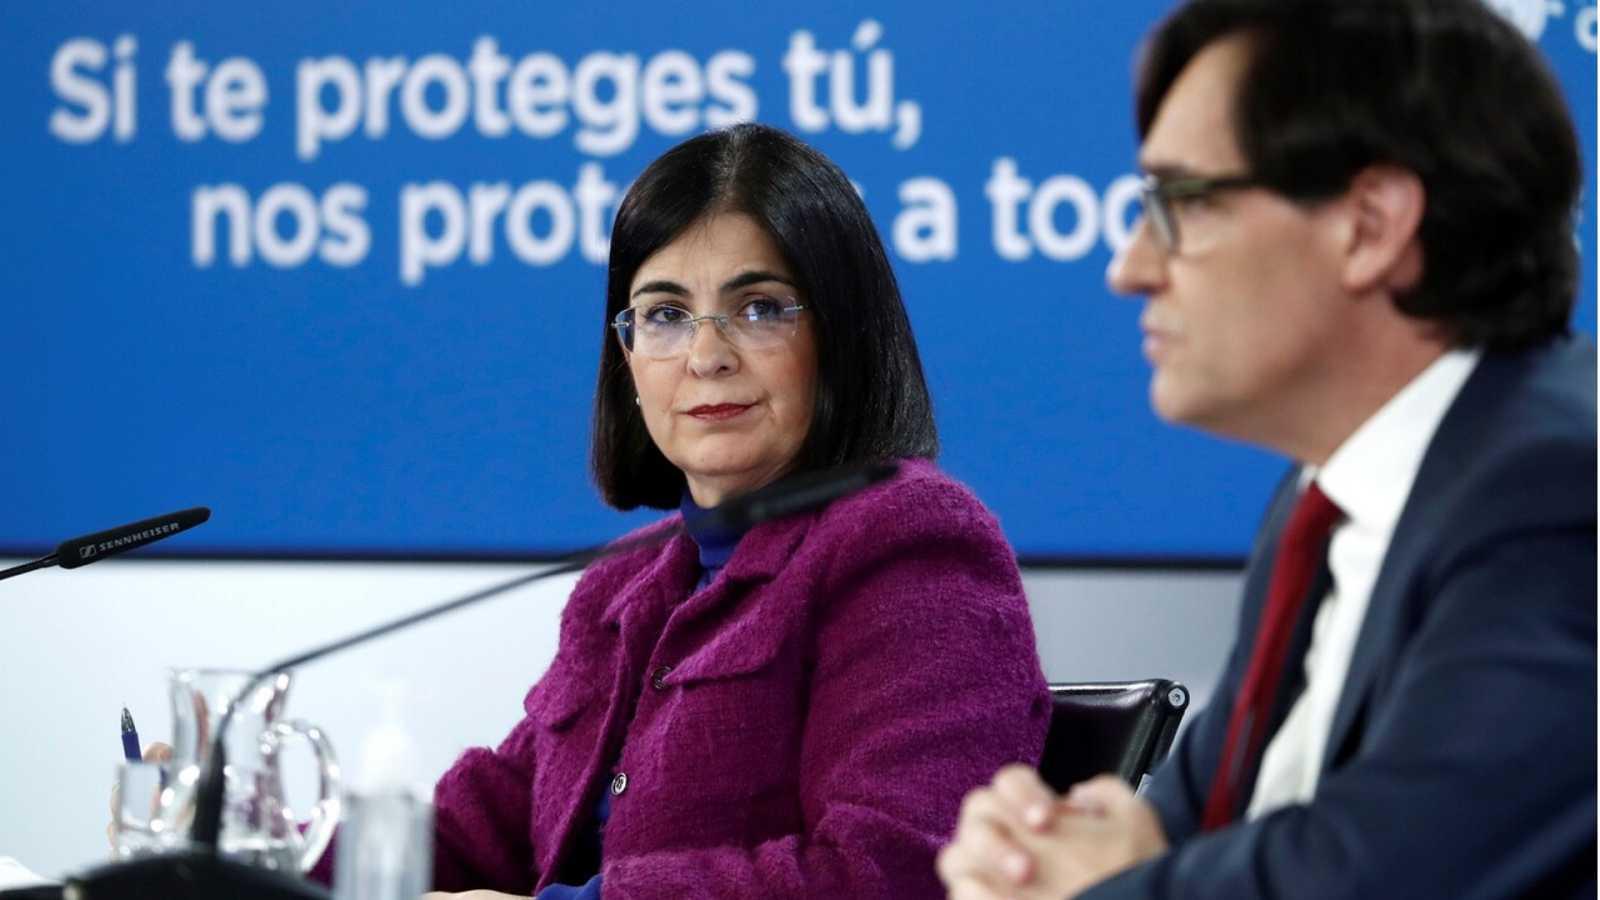 Especial informativo - Comparecencia del ministro de Sanidad, y ministra de Política Territorial - 13/01/21 - ver ahora